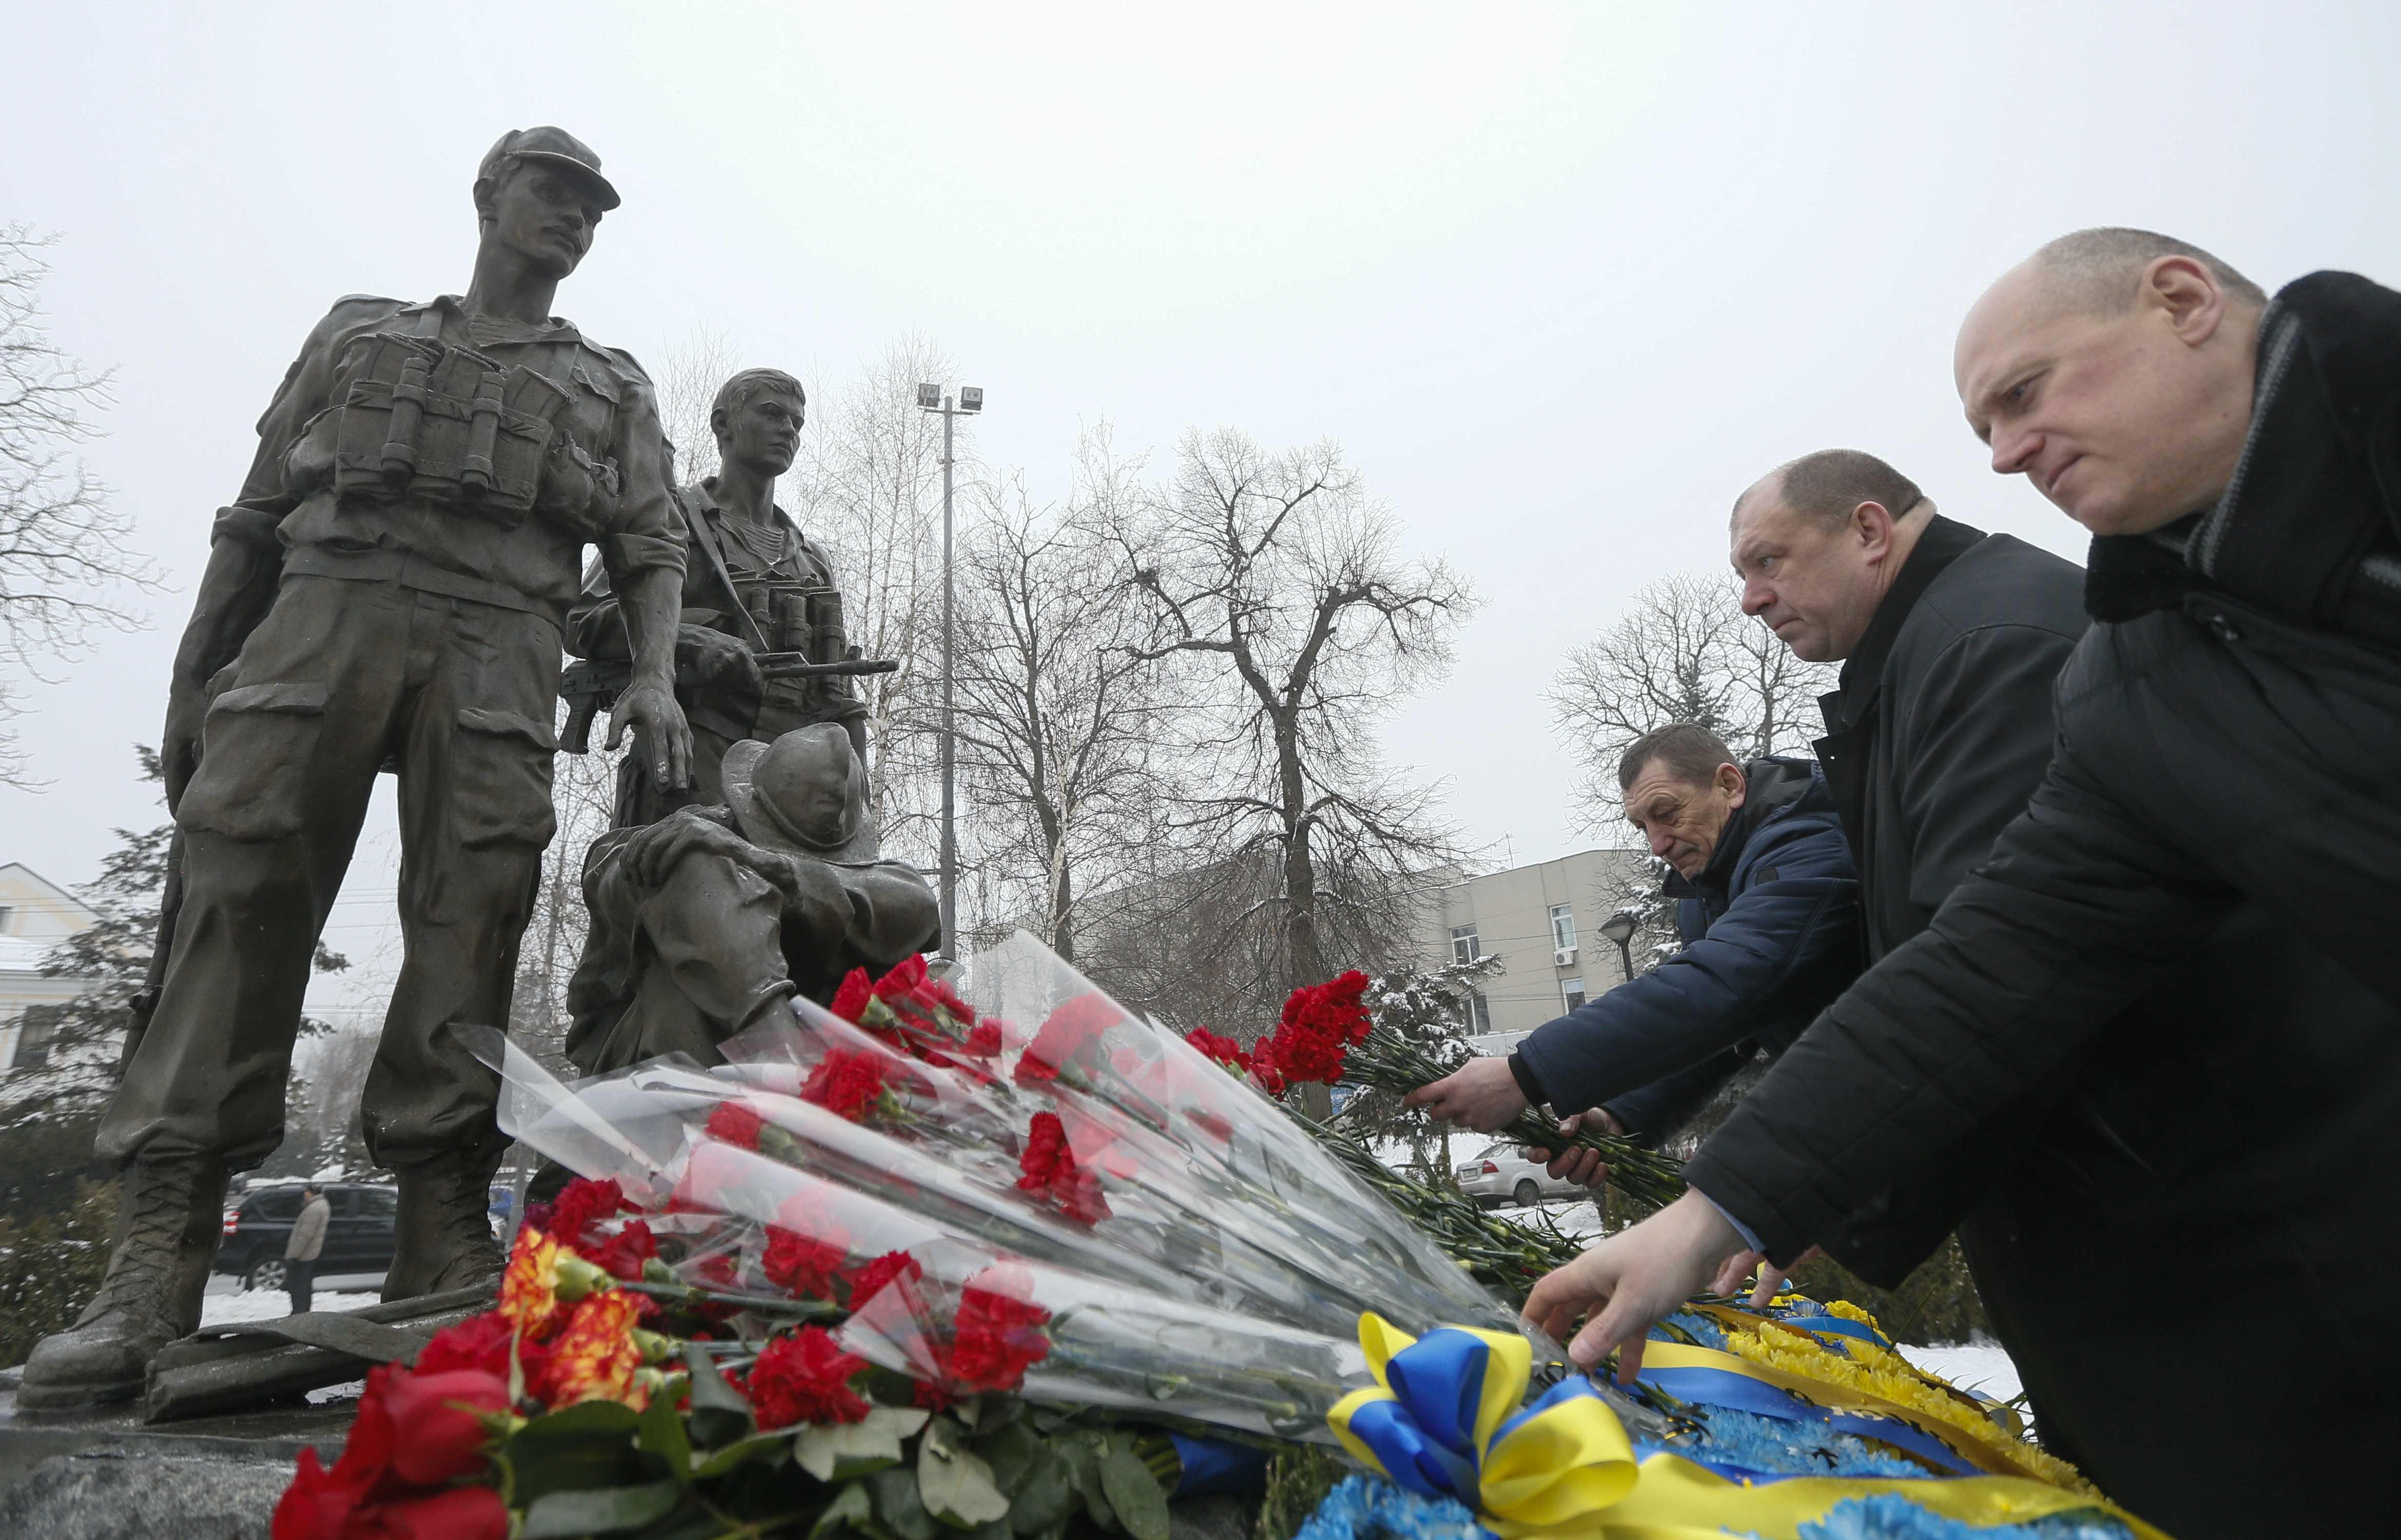 Veteranos del conflicto y familiares colocan flores en el monumento a los soldados soviéticos caídos en la guerra, el 15 de febrero de 2018 en Kiev, Ucrania